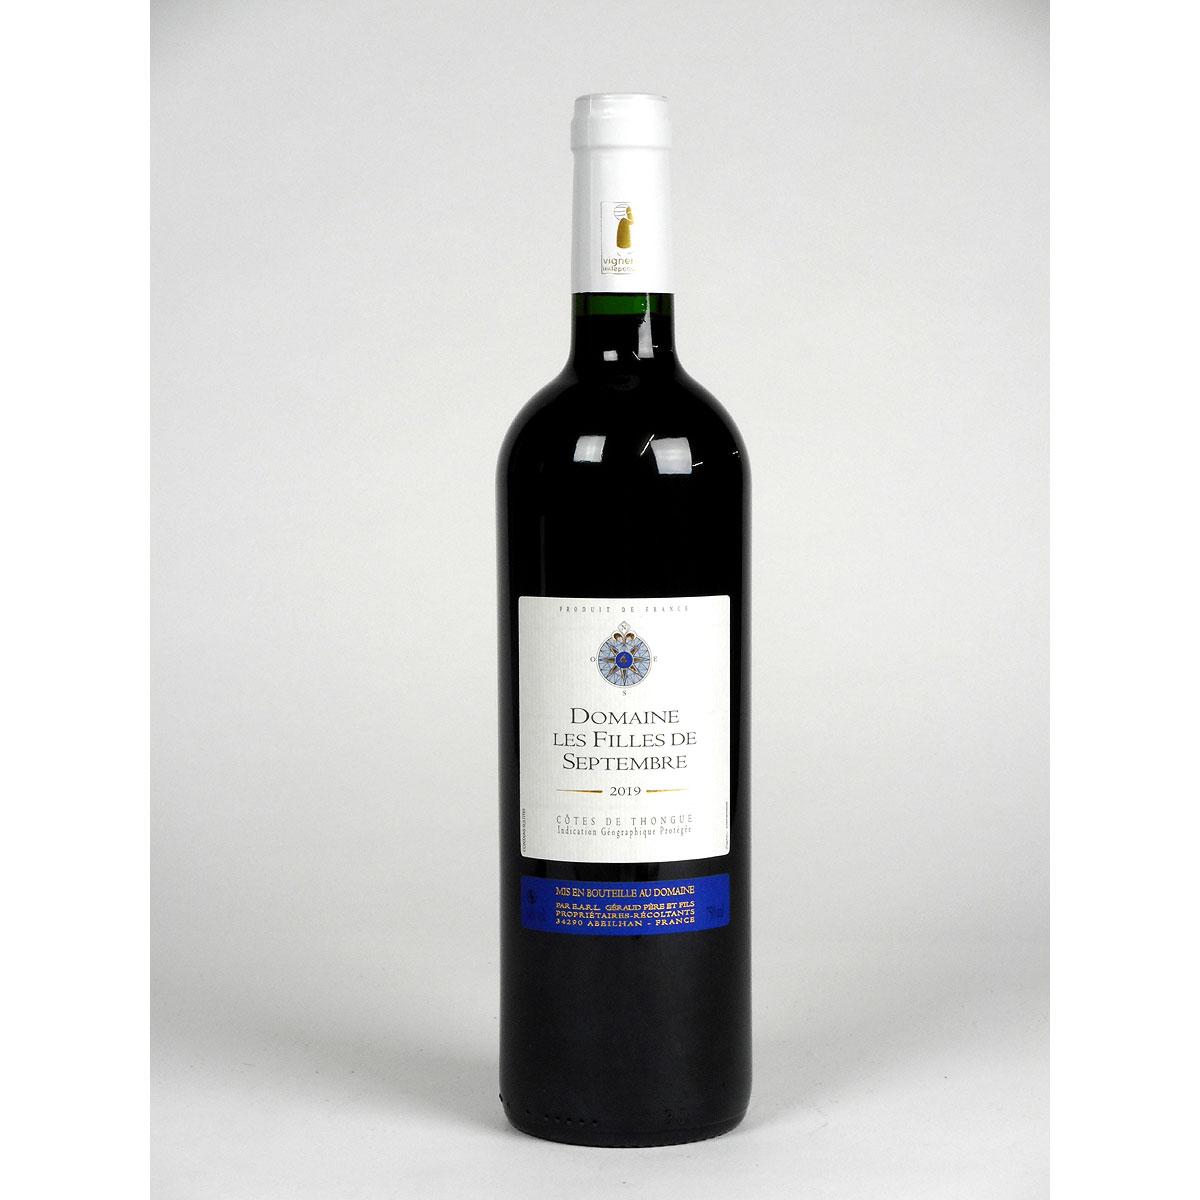 Côtes de Thongue: Domaine Les Filles de Septembre 'Tradition' 2019 - Bottle